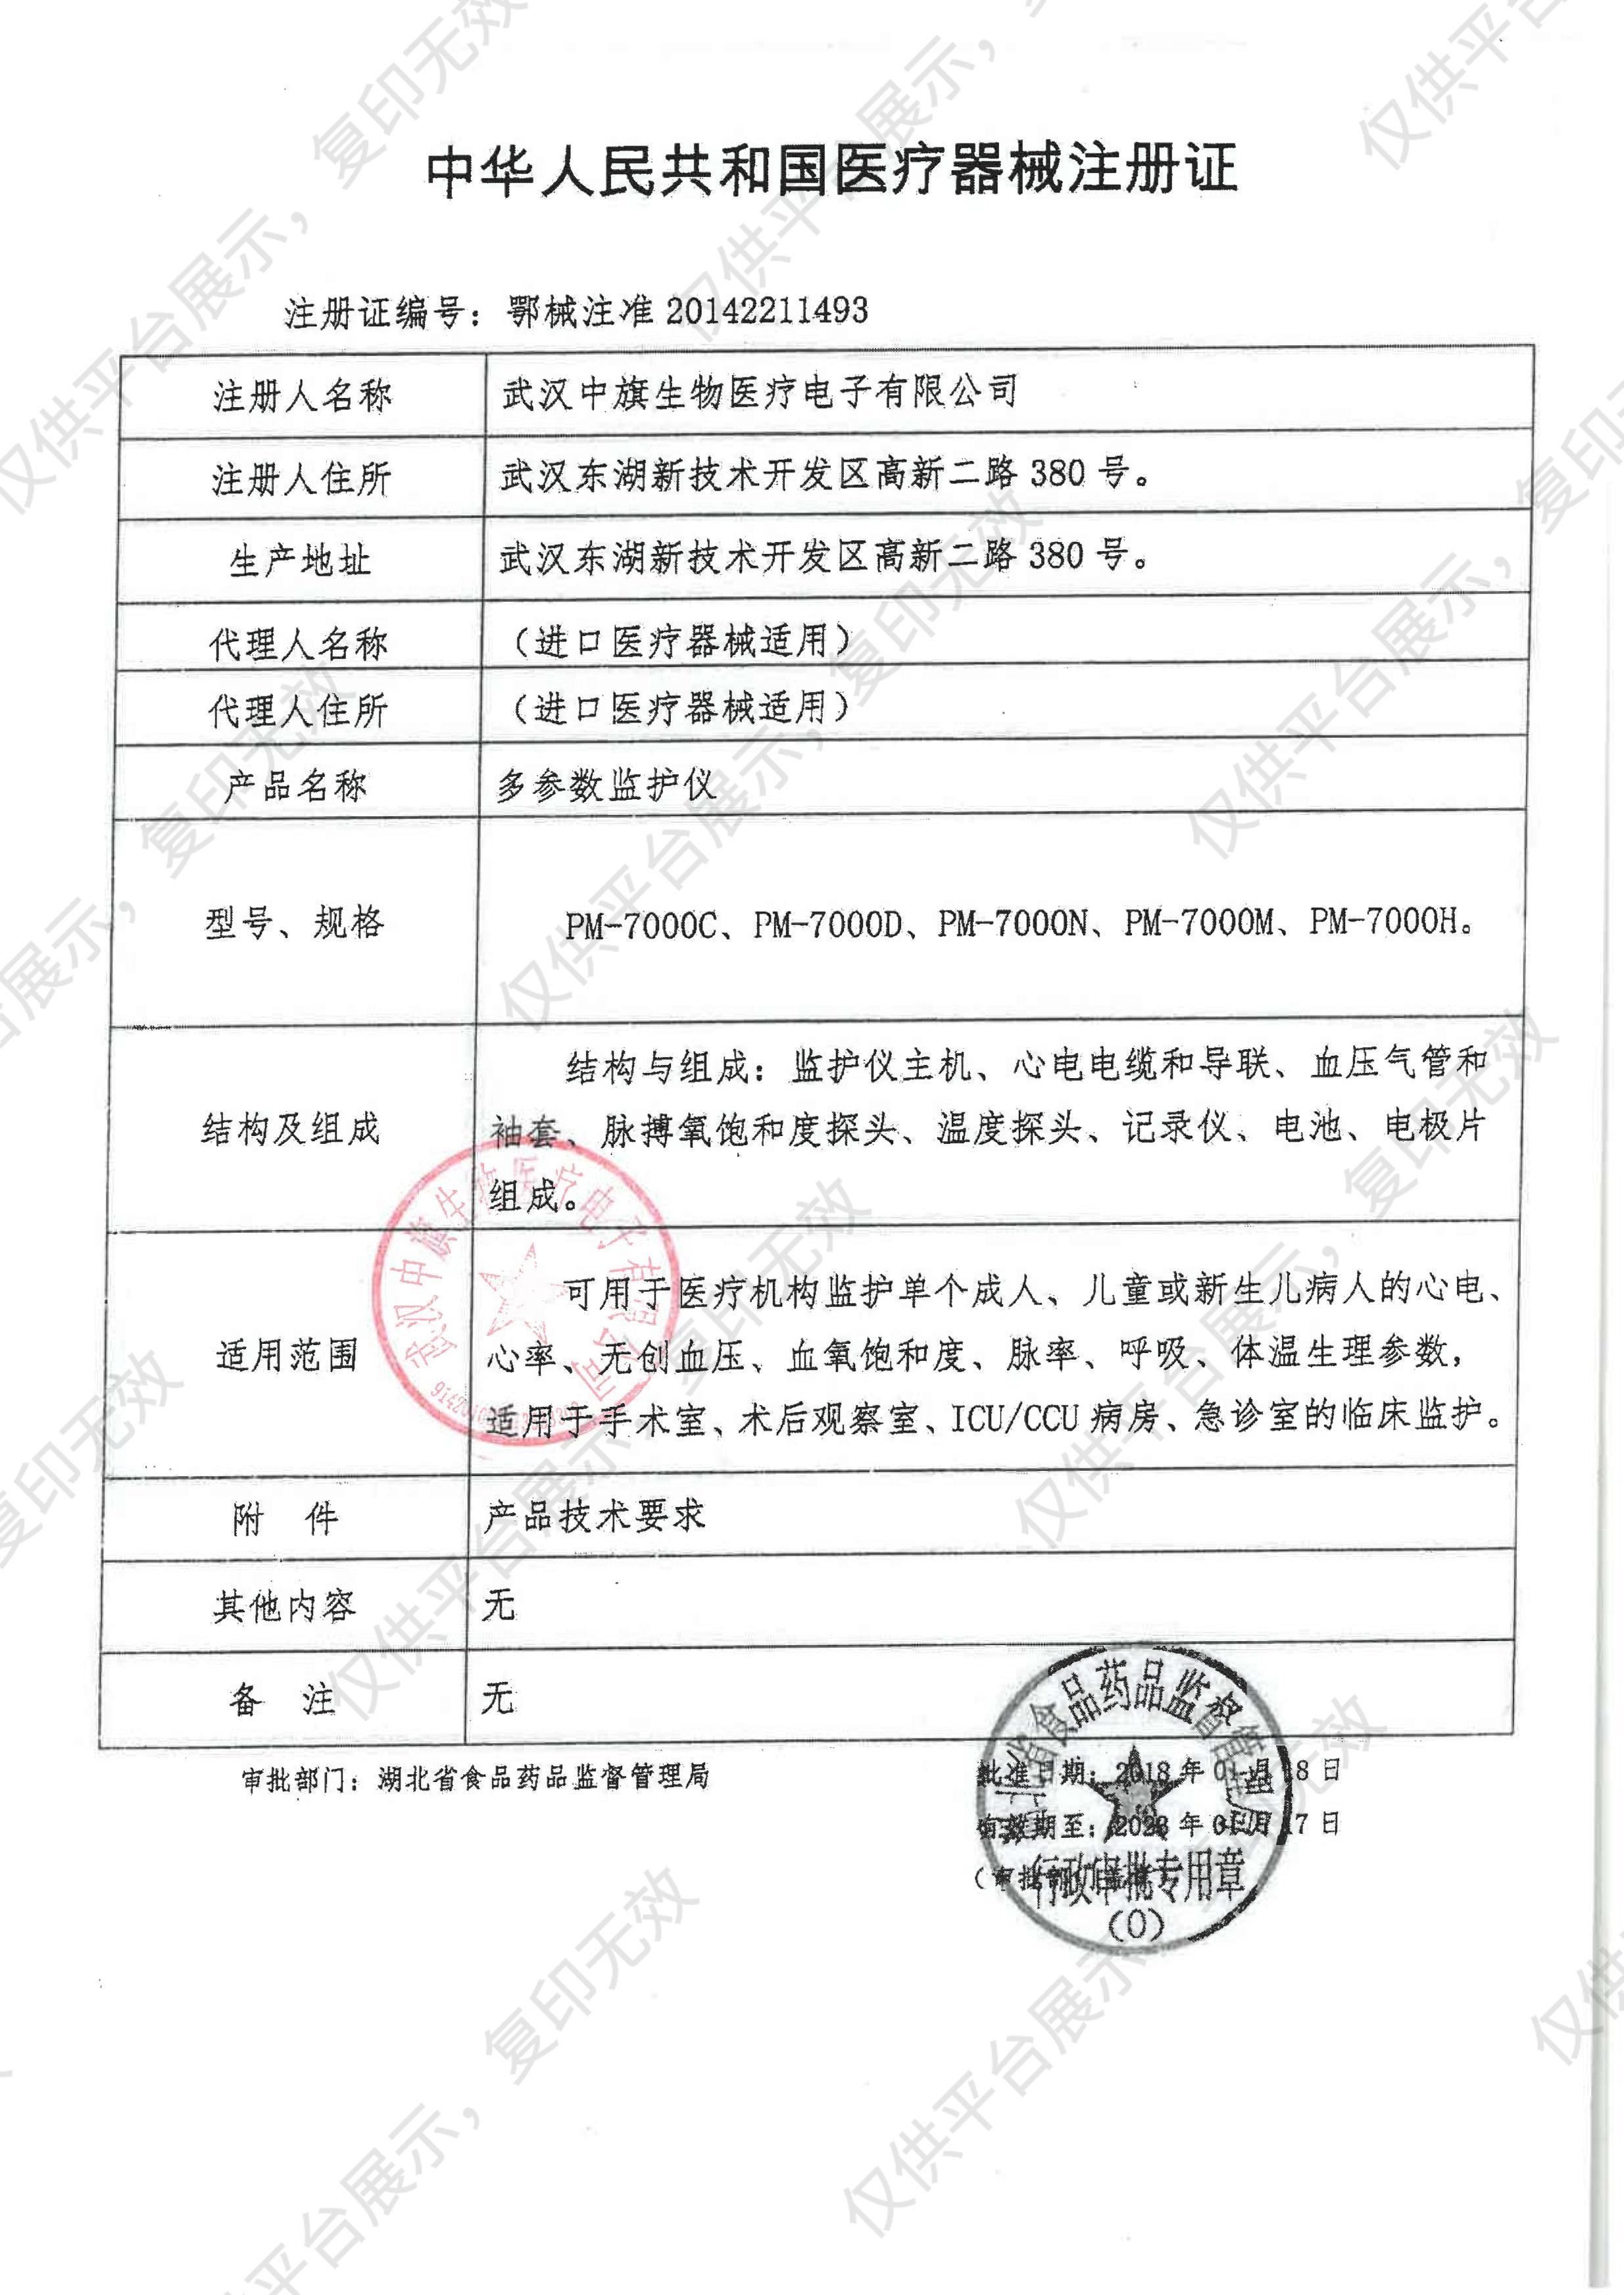 中旗多参数监护仪PM-7000M注册证